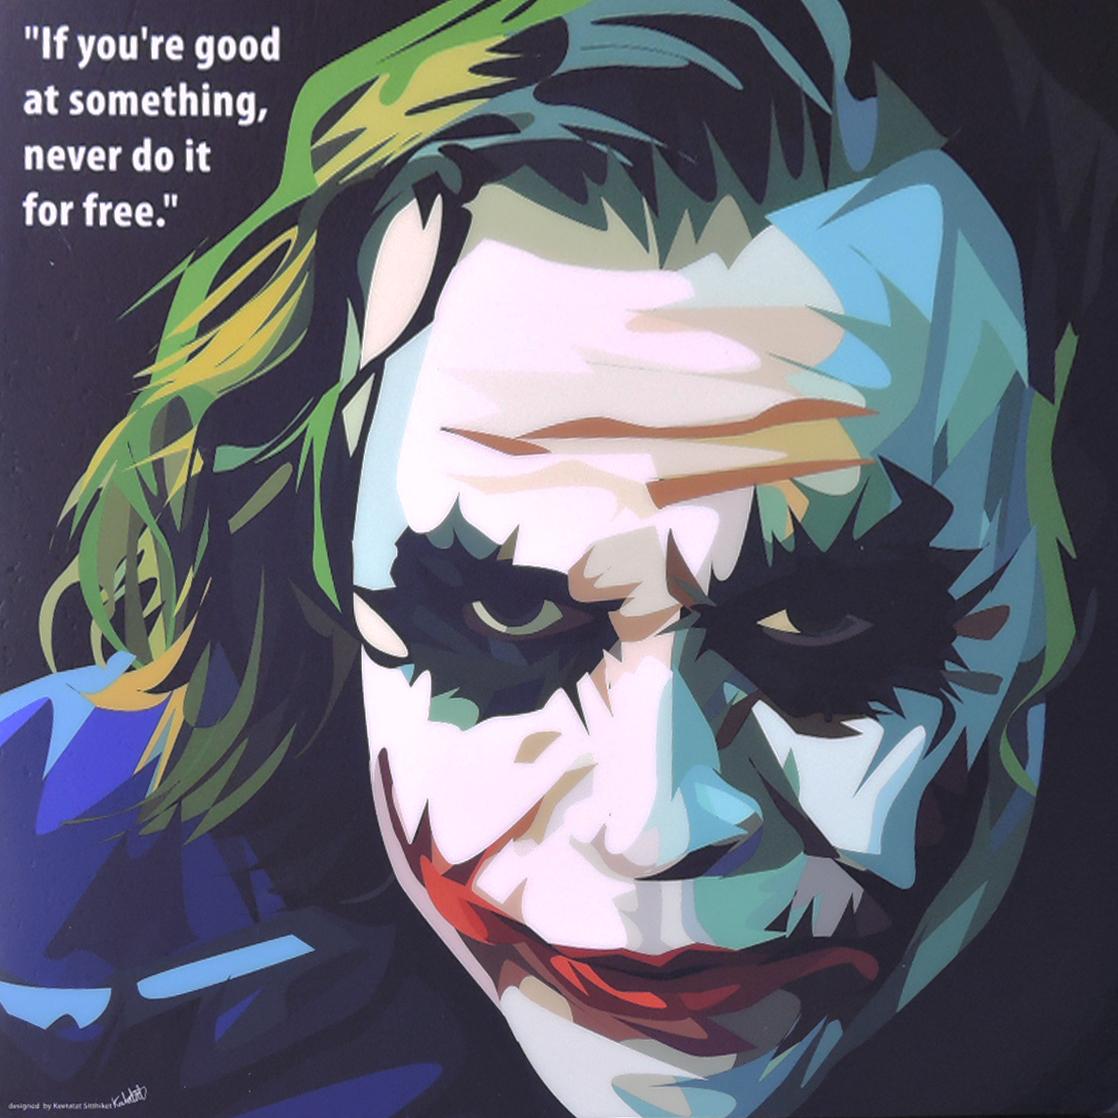 【特大52cmサイズ☆】Joker ジョーカー2 ★大型サイズ★インテリアアートパネル (大変人気の高いグラフィックアートフレーム☆です)お洒落にお部屋を彩るウォールアートパネル【映画・アメコミ・ポスター・キャラクター・スター グッズ・雑貨】